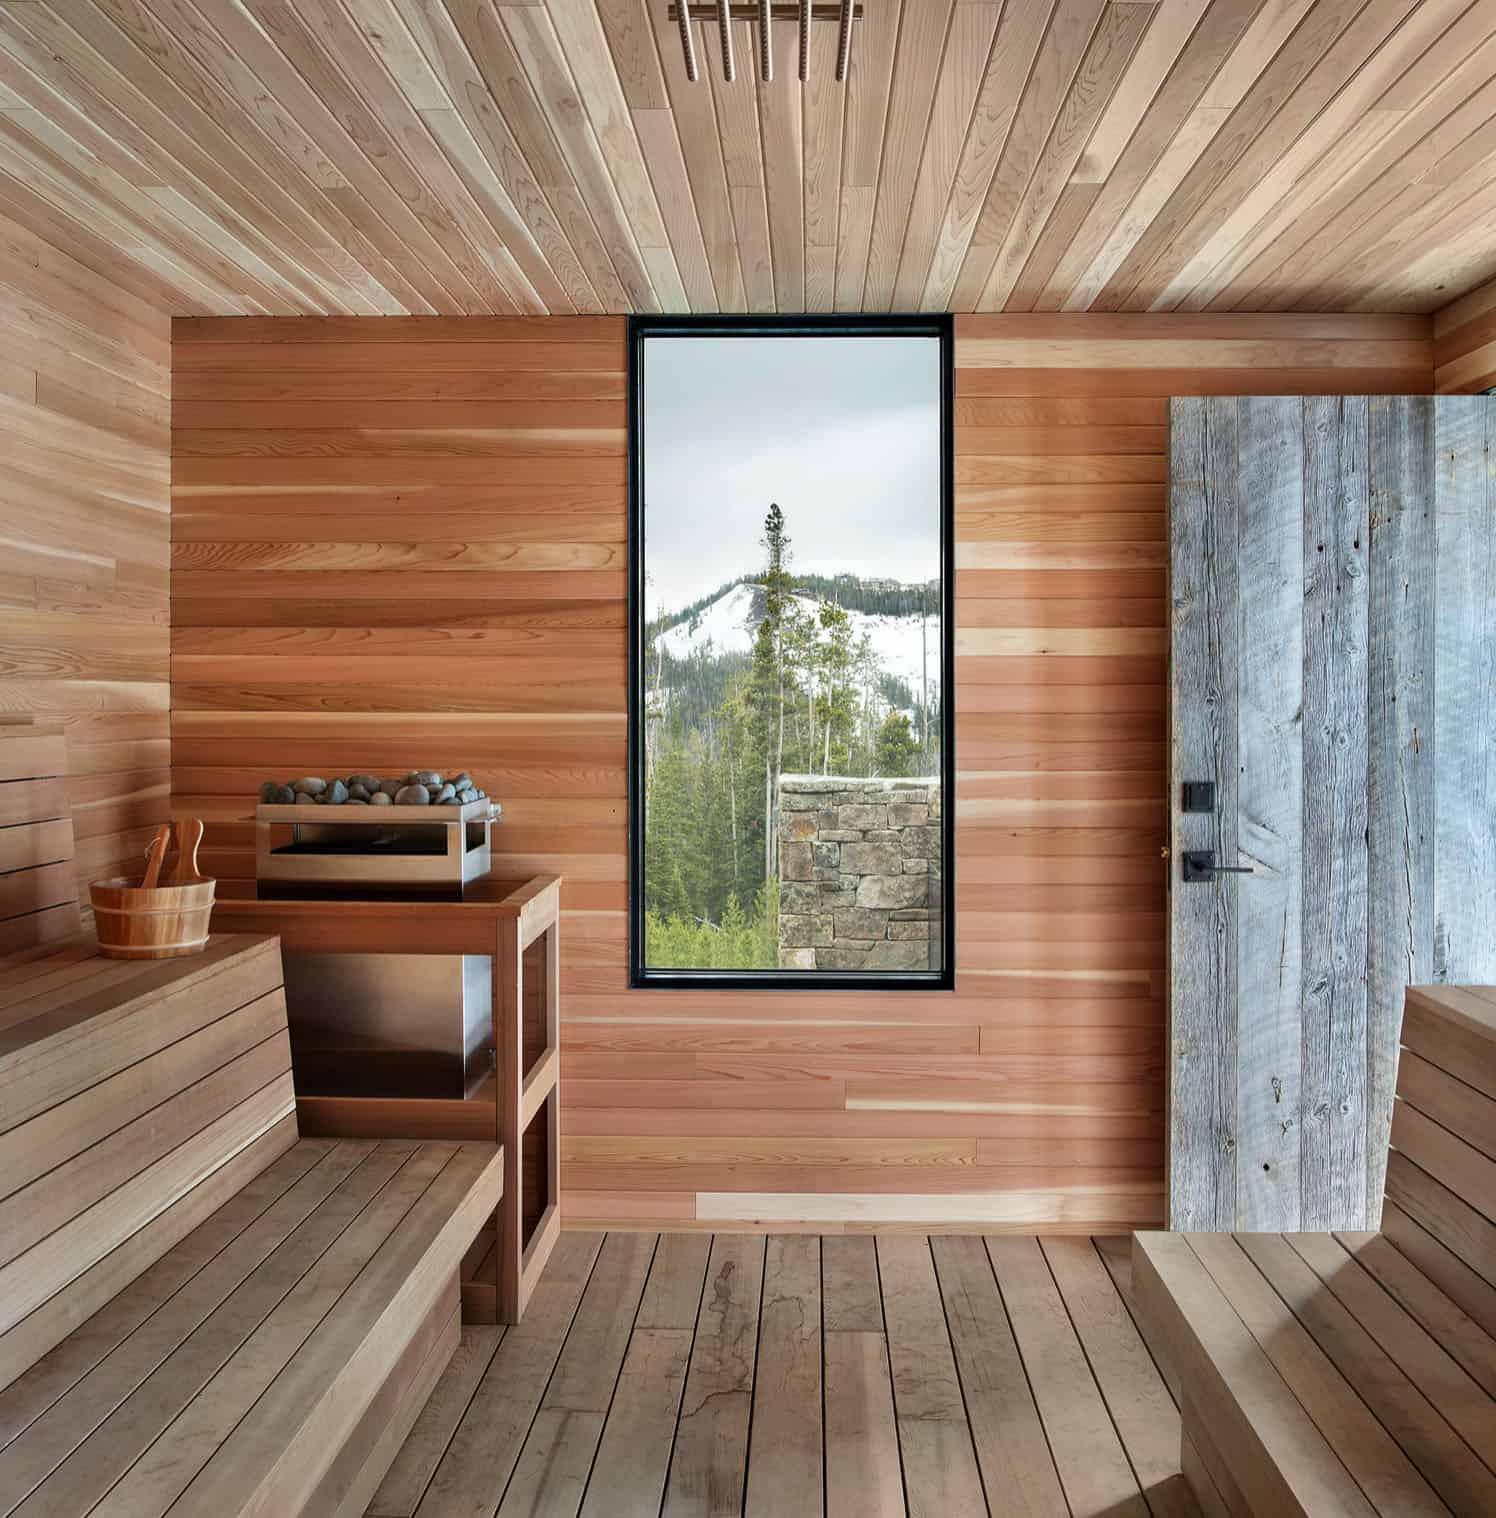 rustic-mountain-style-sauna